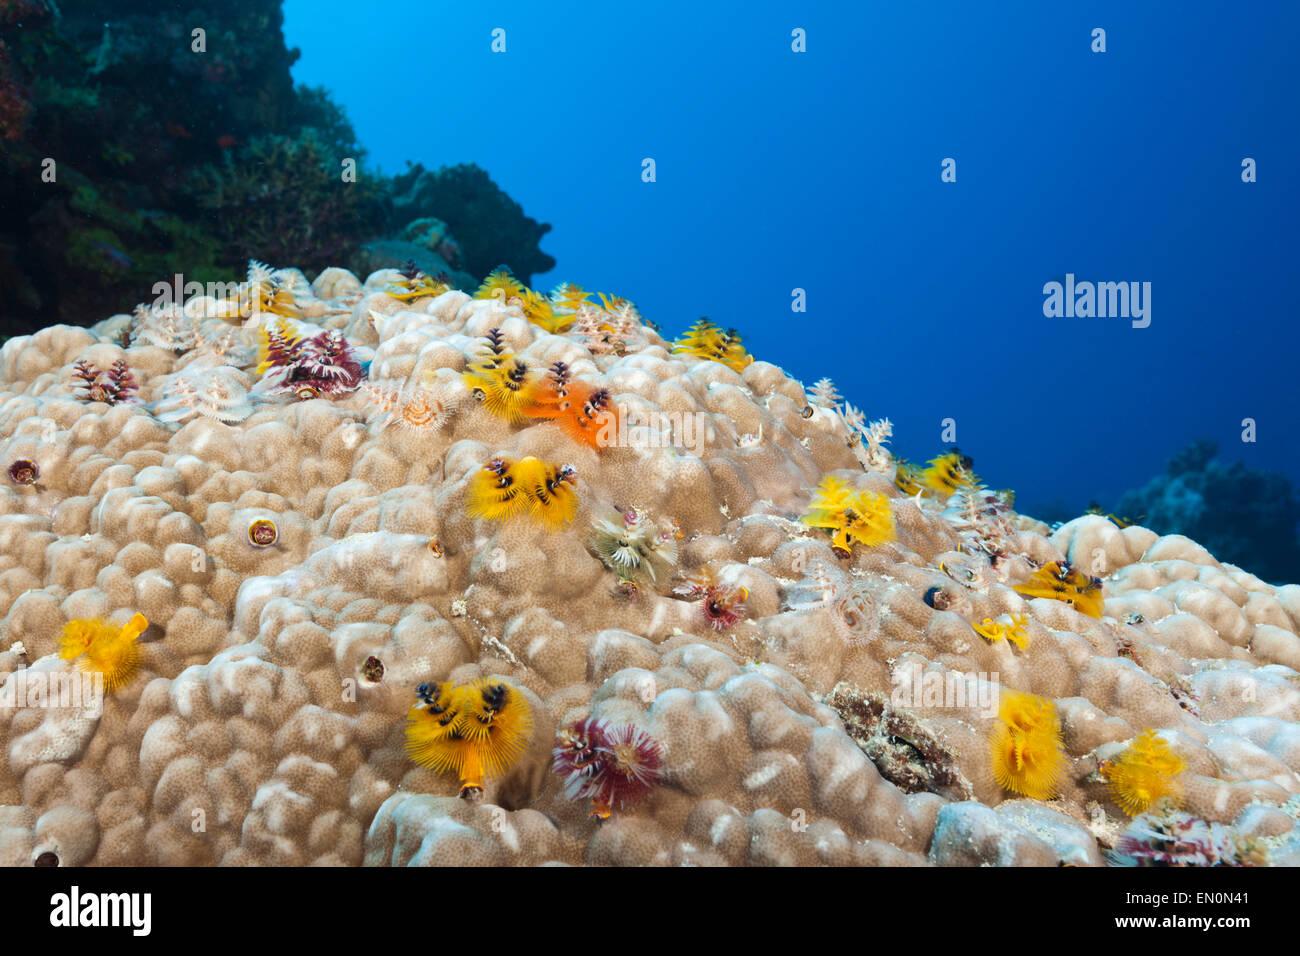 Christmas-Tree Worm, Spirobranchus giganteus, Osprey Reef, Coral Sea, Australia Stock Photo